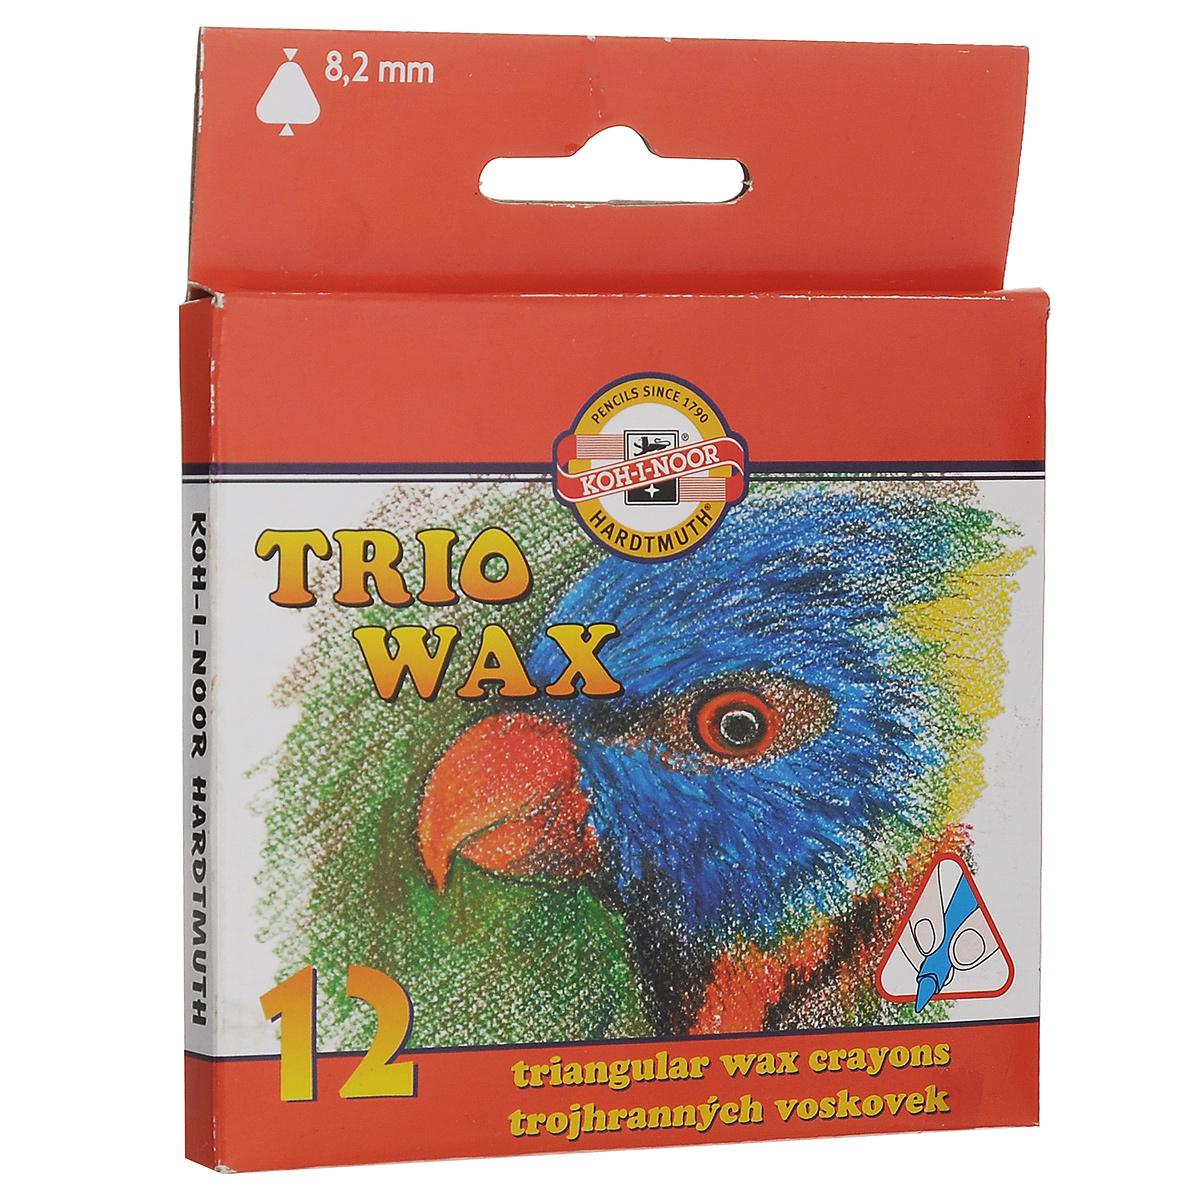 Пастель восковая Koh-i-Noor Trio Wax, трехгранная, 12 цветов карандаши восковые мелки пастель koh i noor карандаш двухцветный красно синий